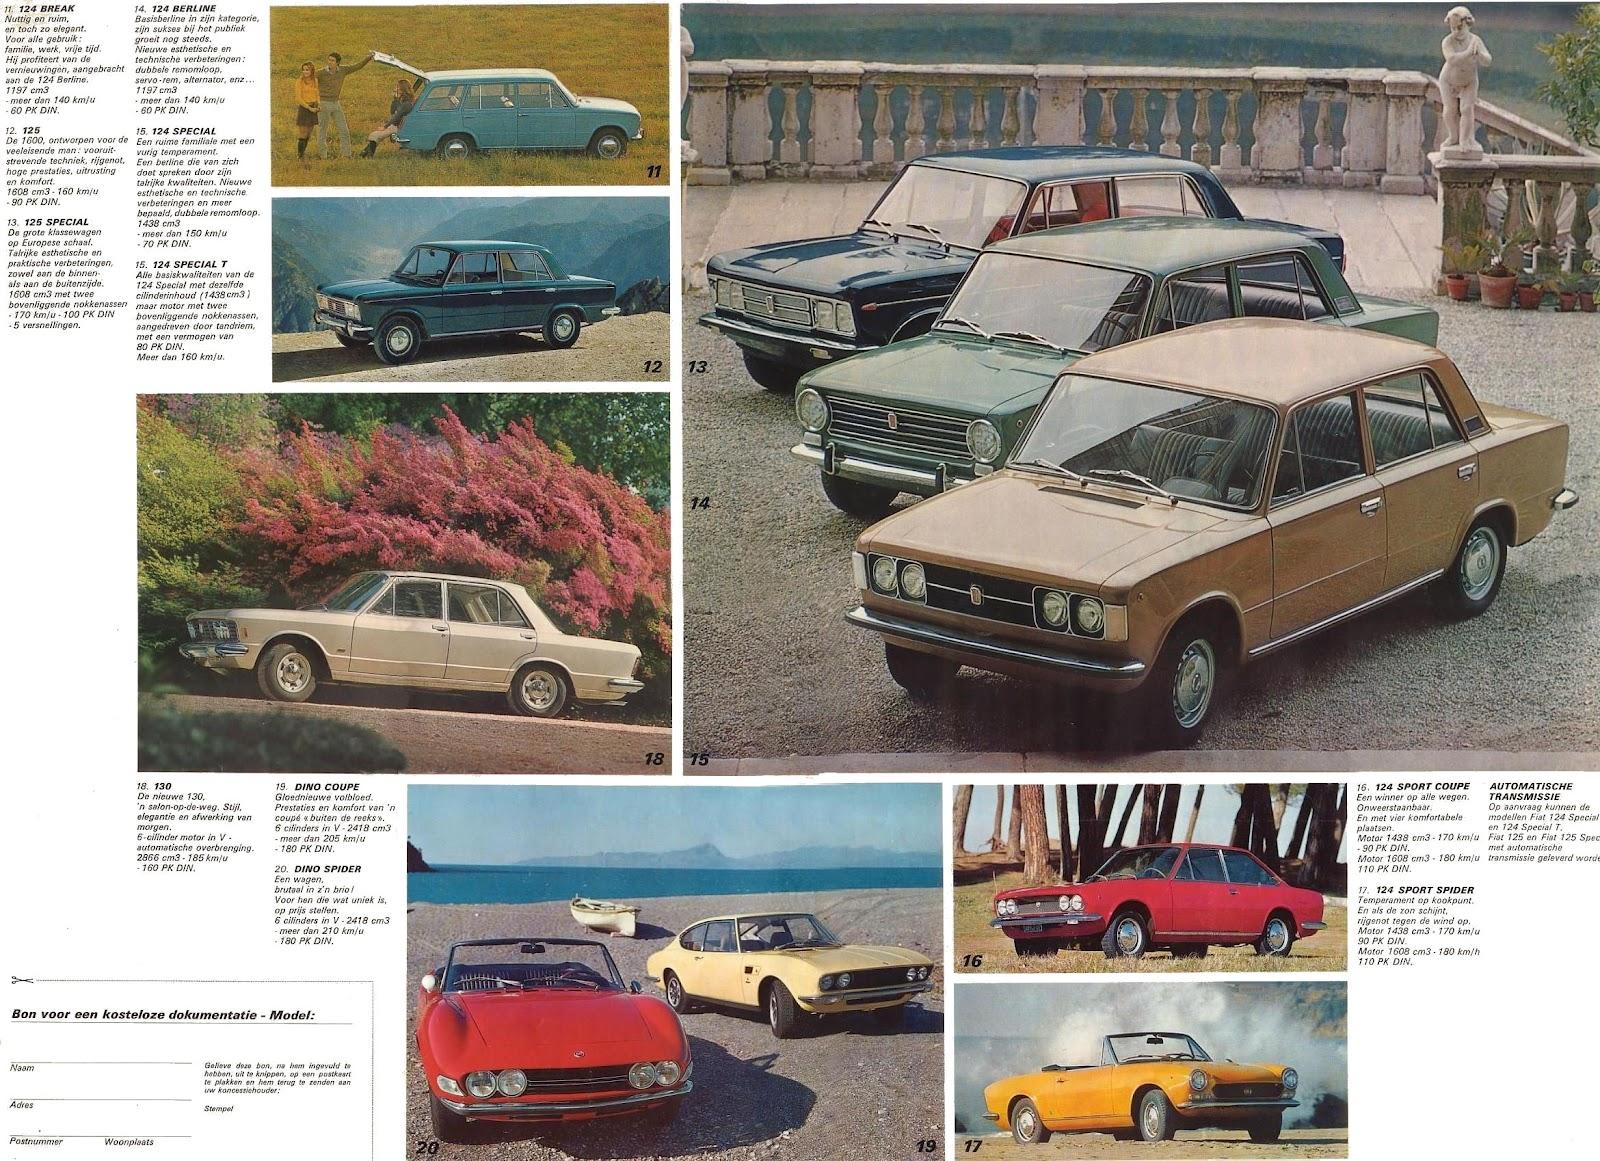 1970-Fiat-Models-02.jpg